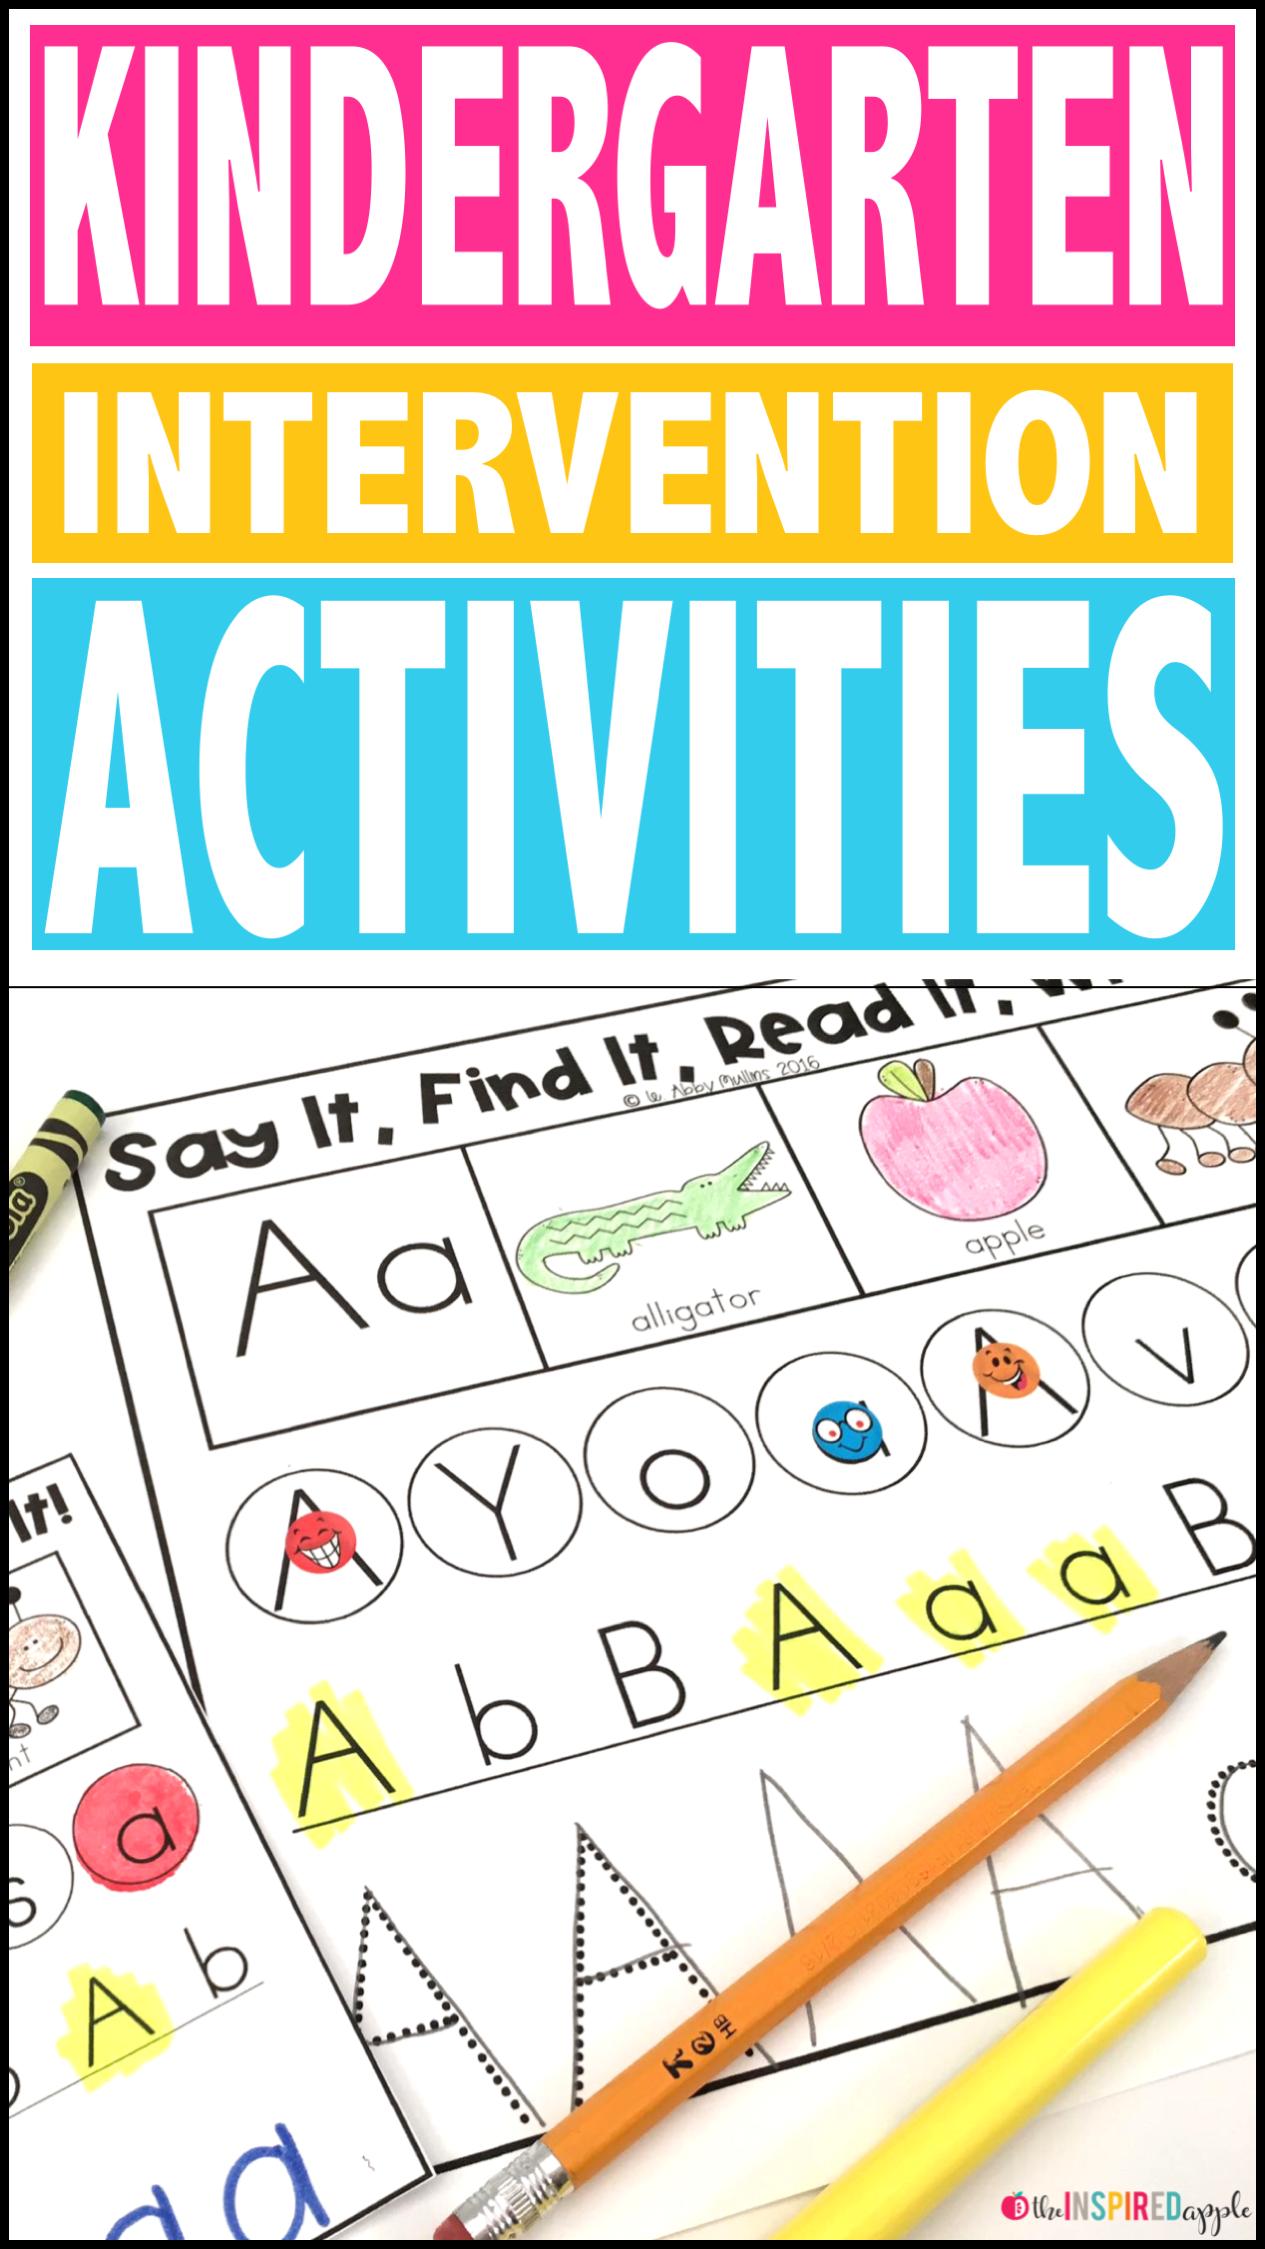 Kindergarten Intervention